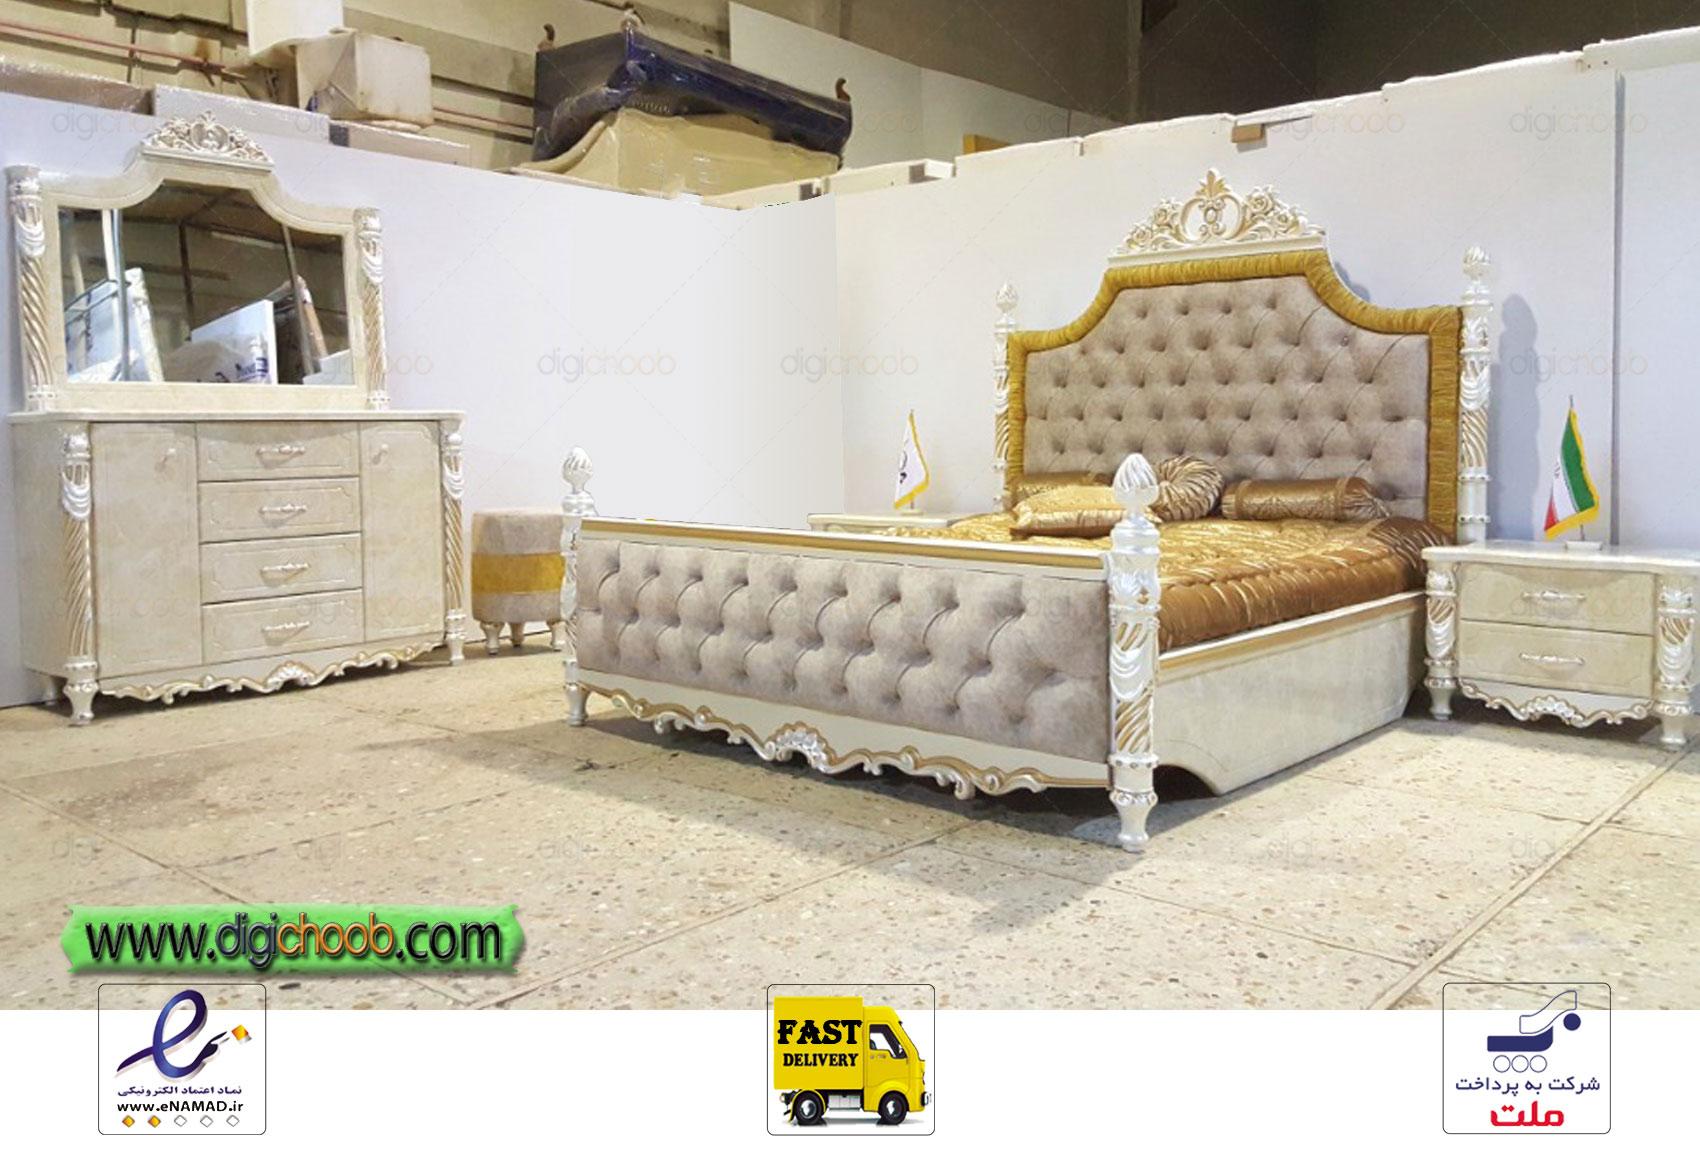 سرویس خواب اسپرت سفید زیبا و شیک 2020 سفید مناسب برای جهیزیه و عروس خانم ها